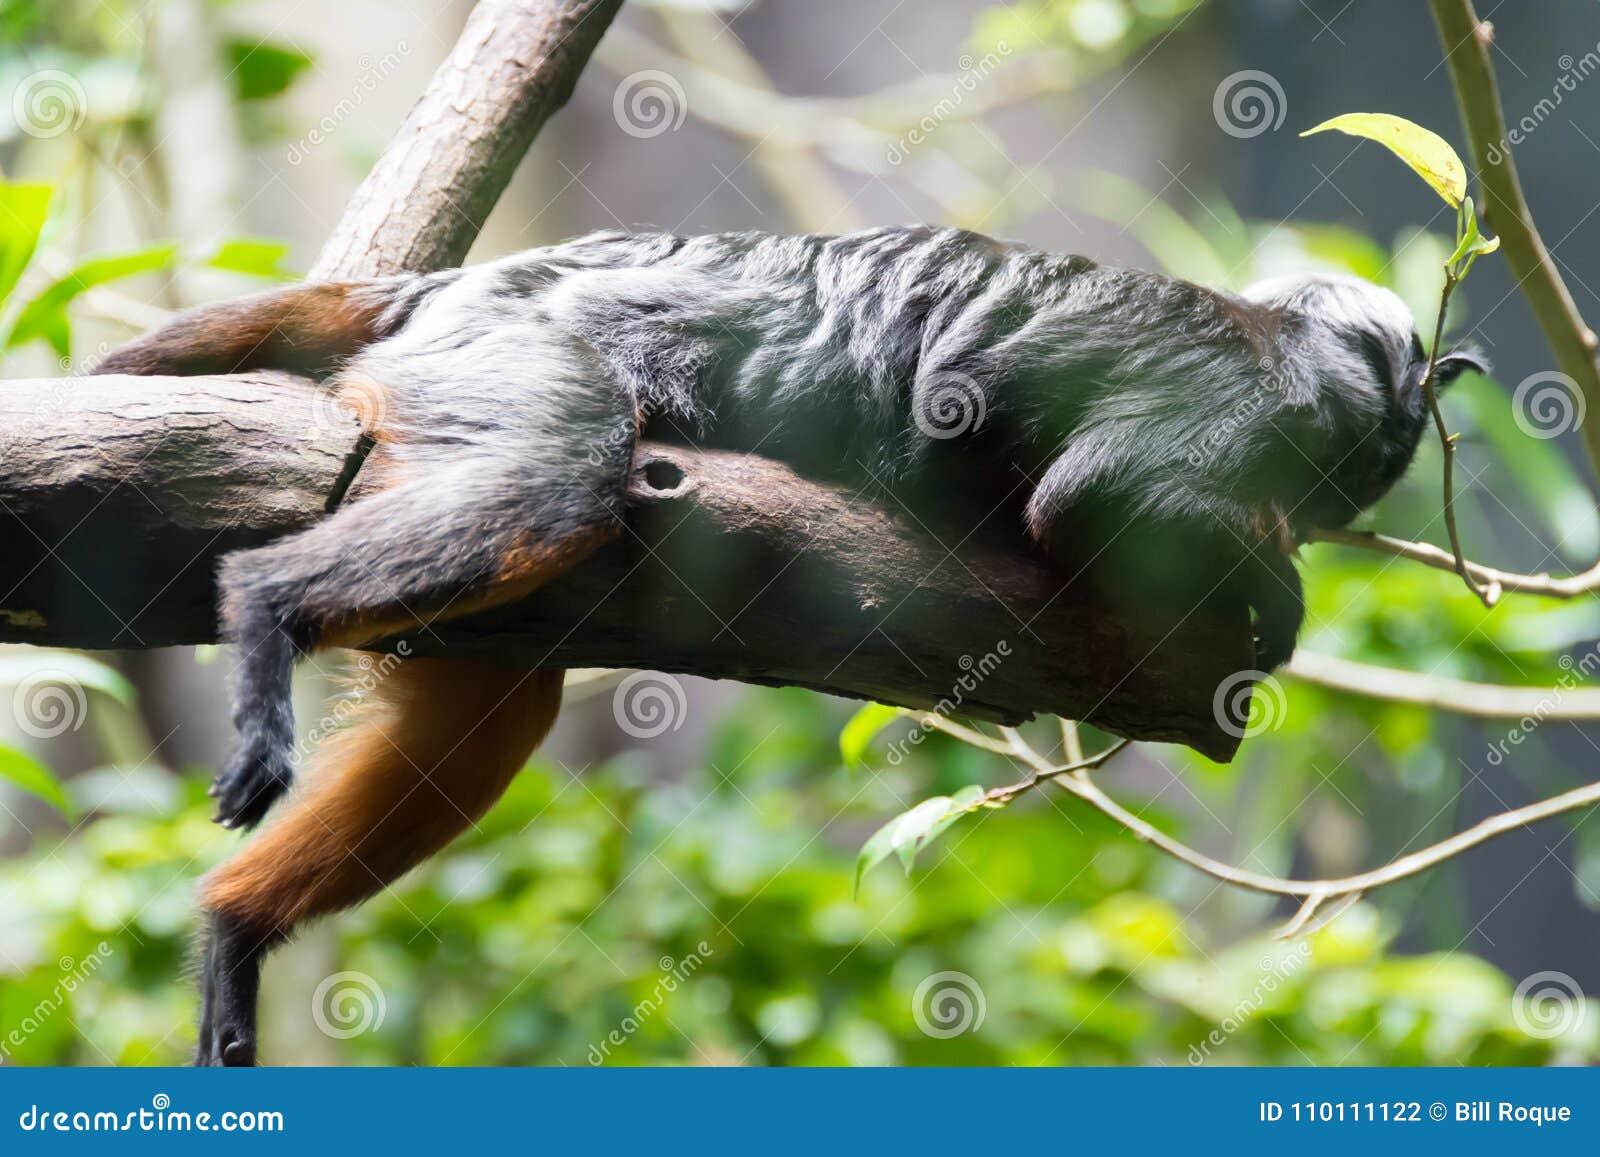 Los Monos De Araña Son Monos De Nuevo Mundo Que Pertenecen Al Género ...